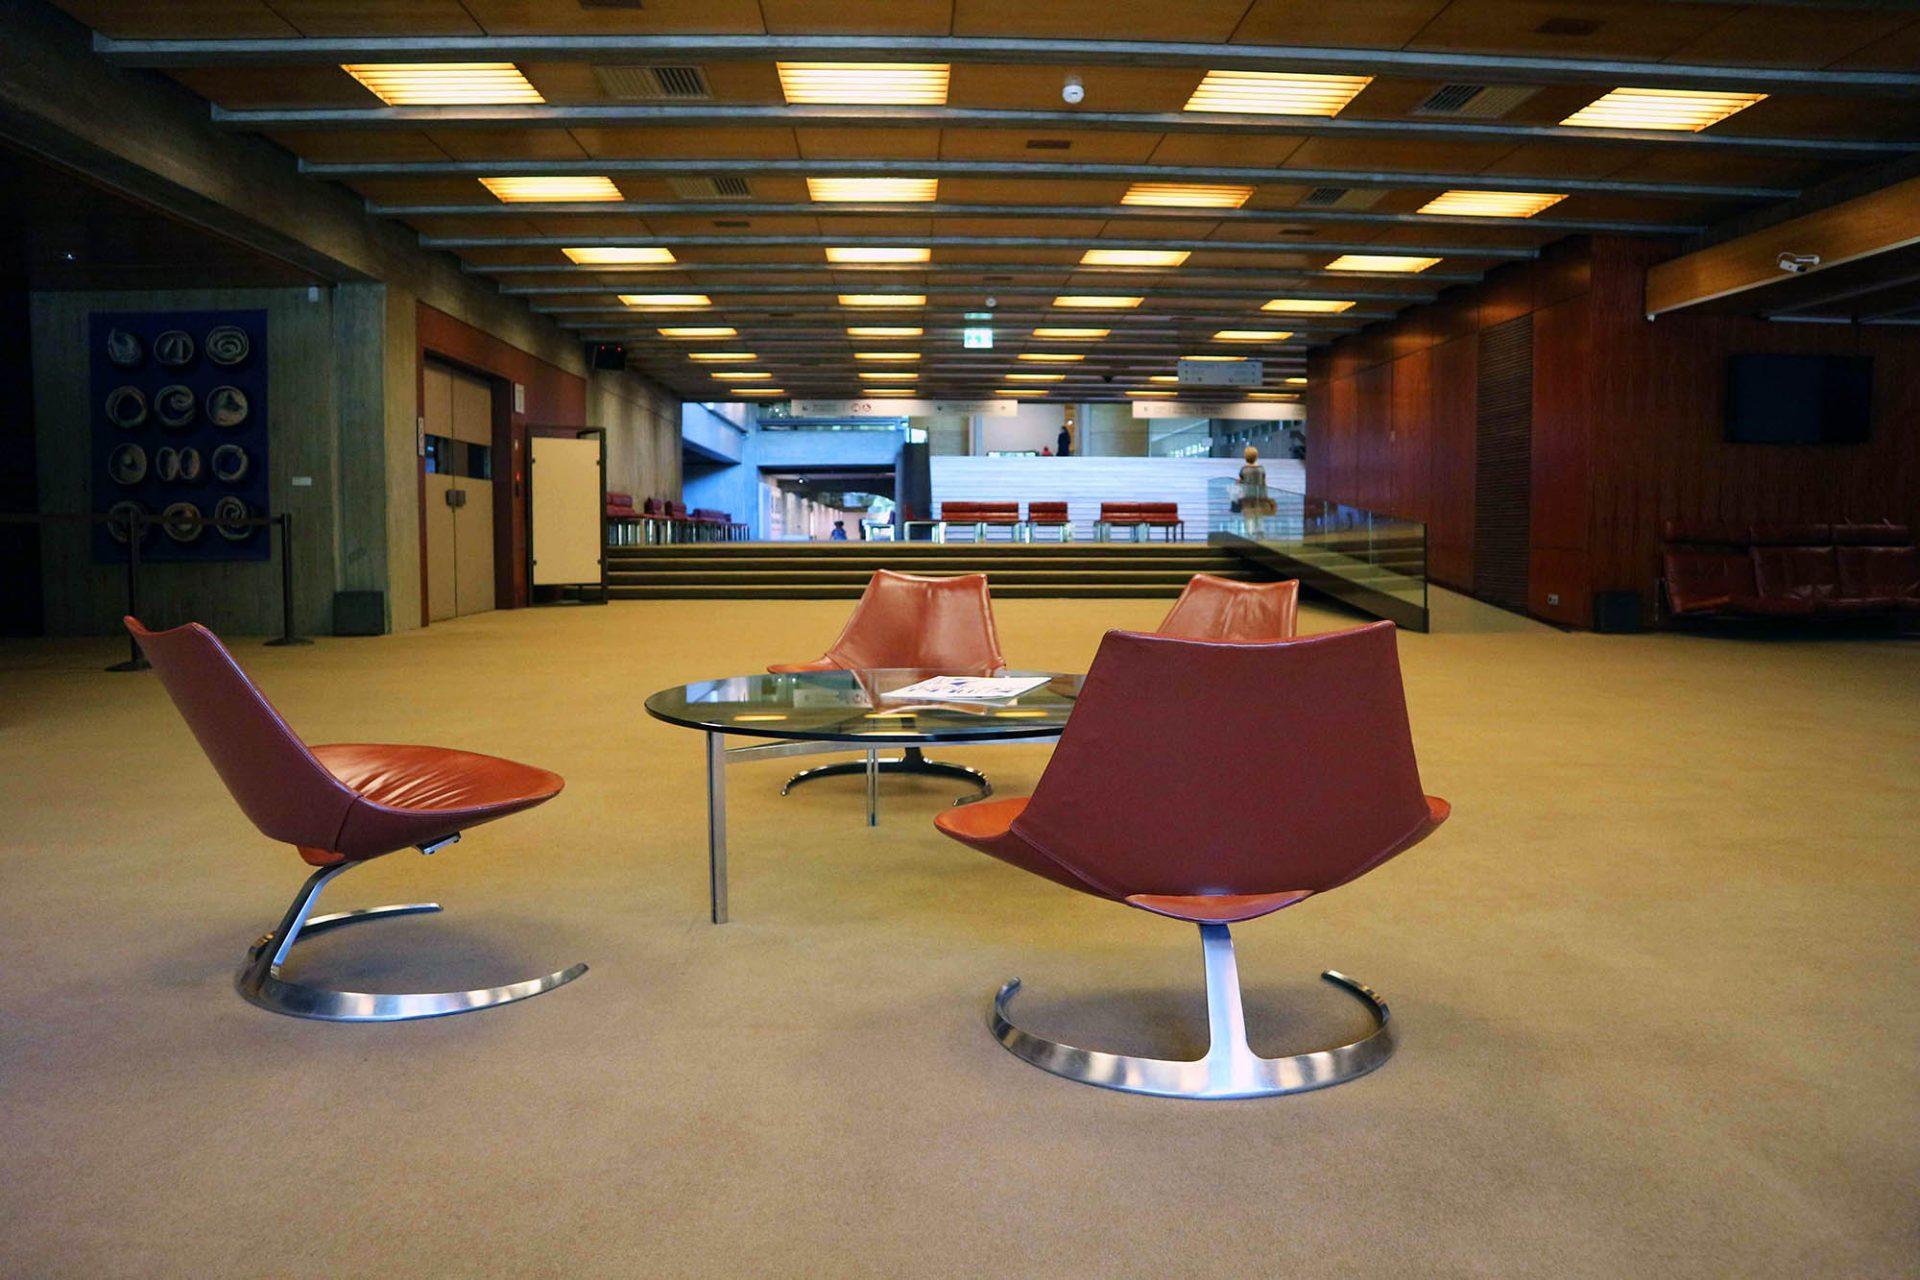 Das Auditorium. Das Mobiliar, wie hier im Foyer des Auditoriums, ist im gesamten Gebäude maßgefertigt und noch im Original erhalten.